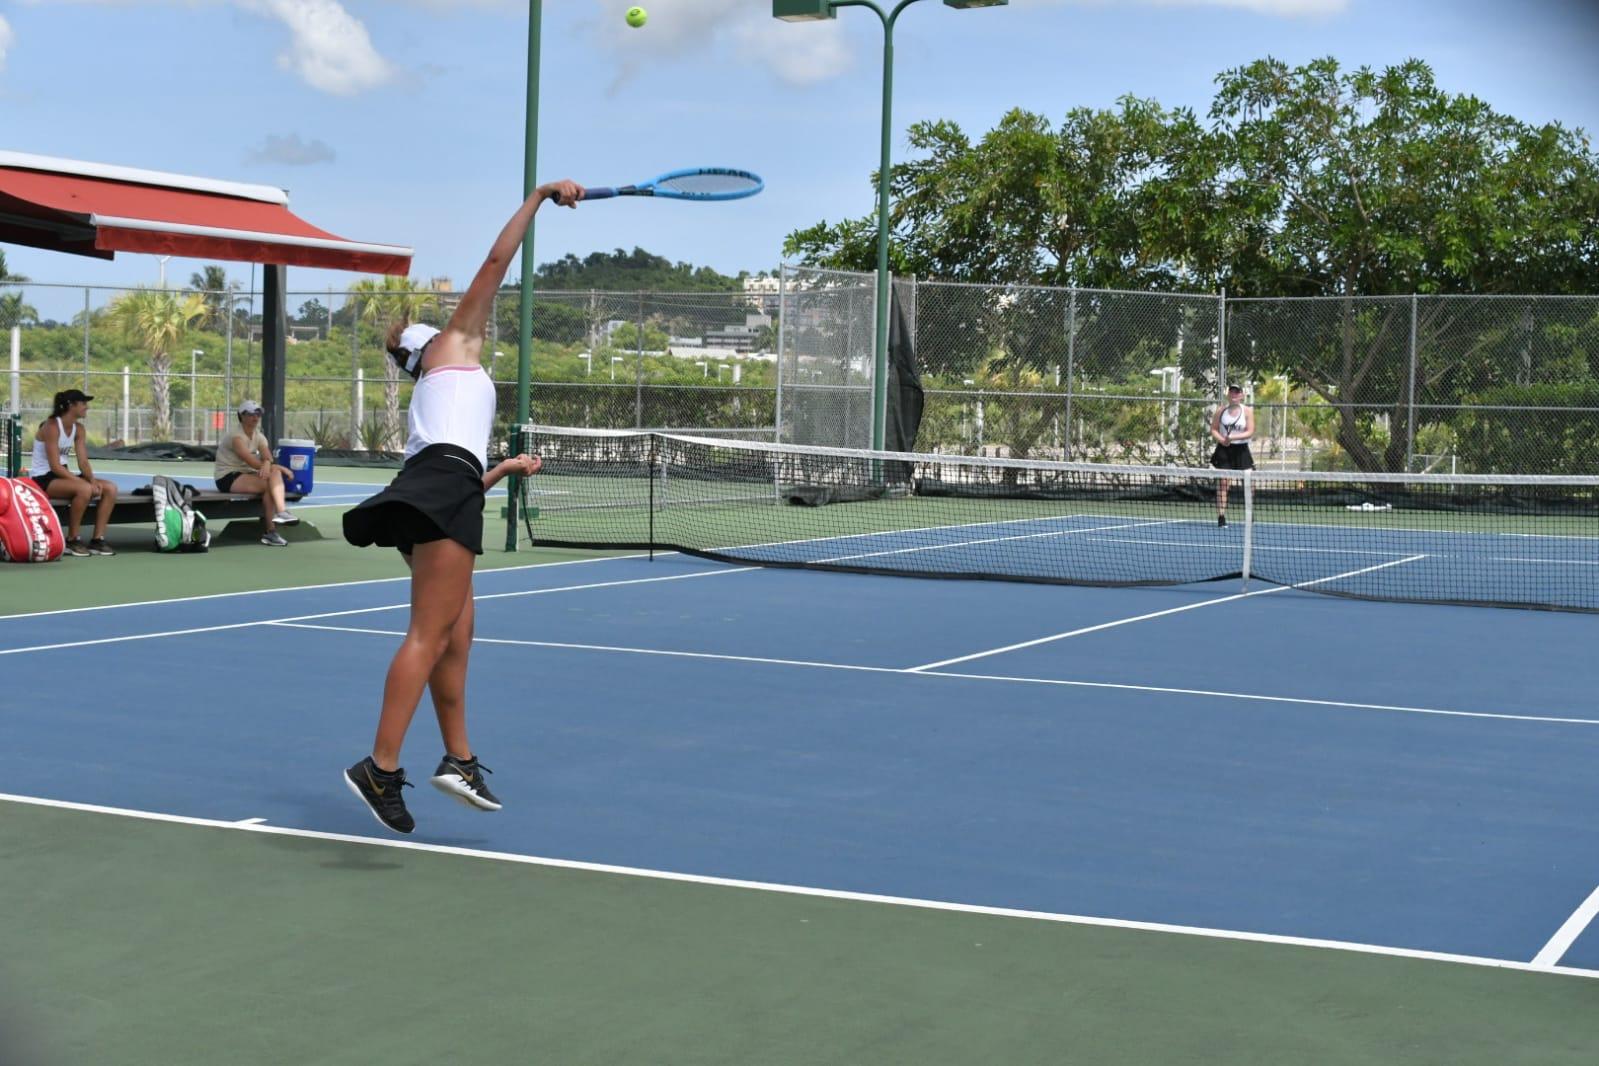 Puerto Rico Fall Classic 2019 del 13 al 15 de septiembre en el Riviera Tennis Center